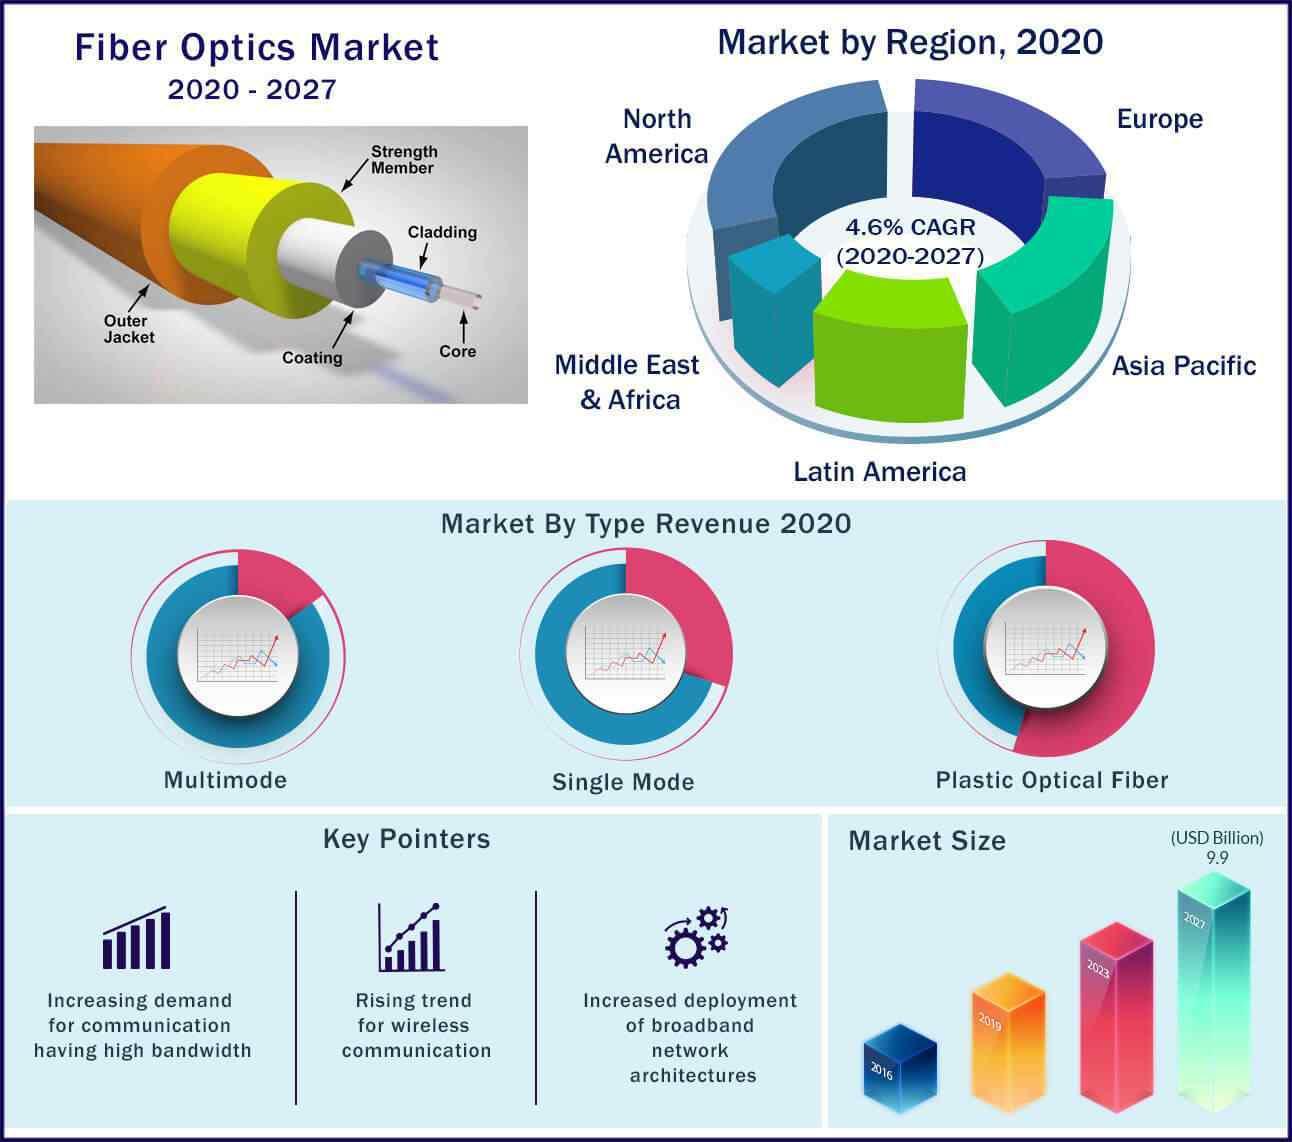 Global Fiber Optics Market 2020-2027